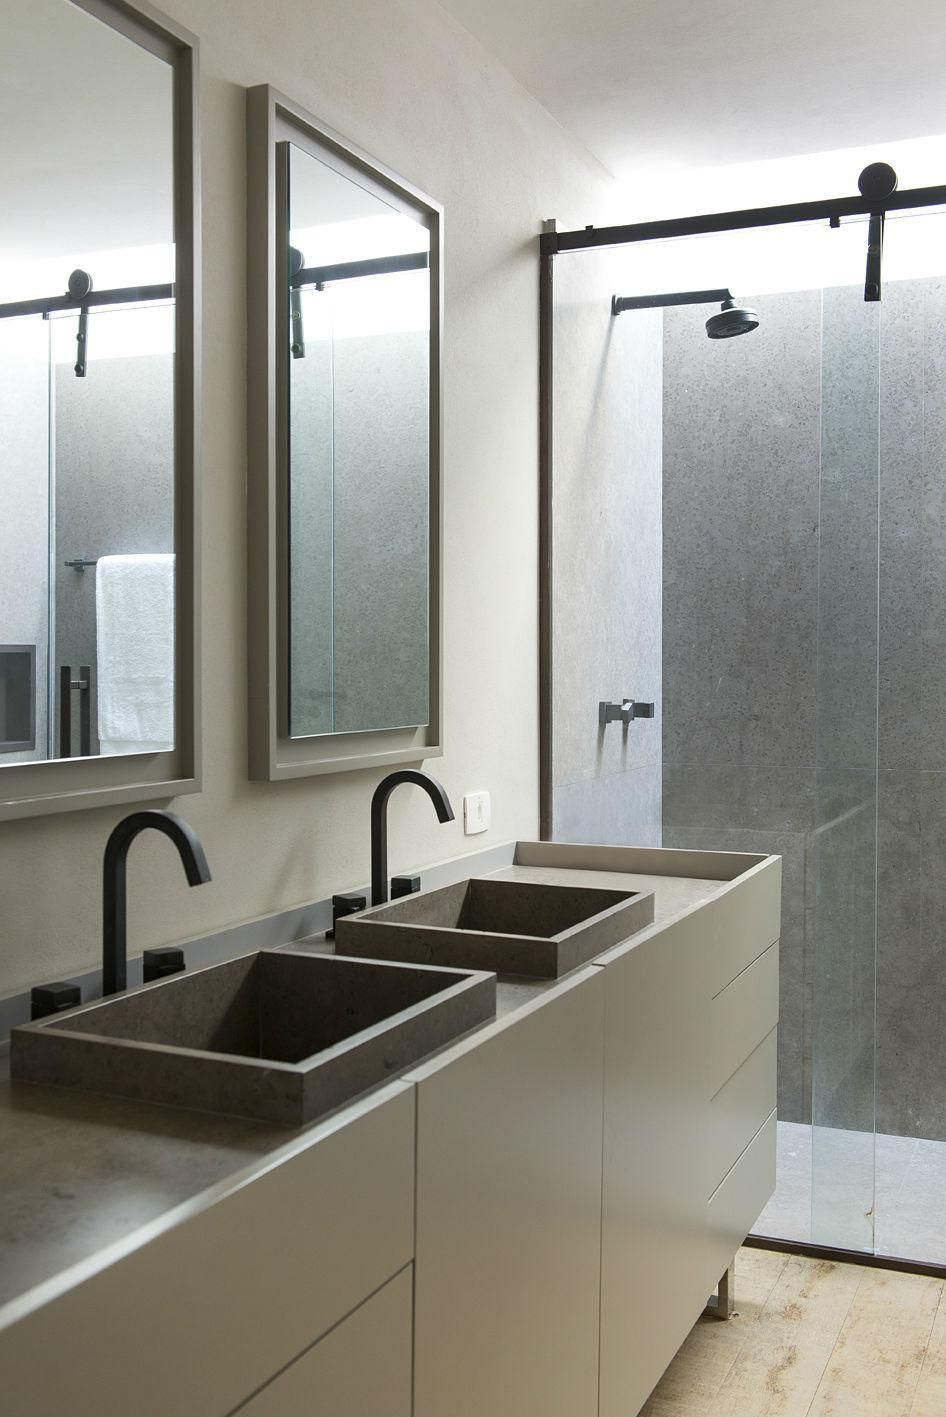 Equipamentos sanitários escuros são outra tendência na decoração.